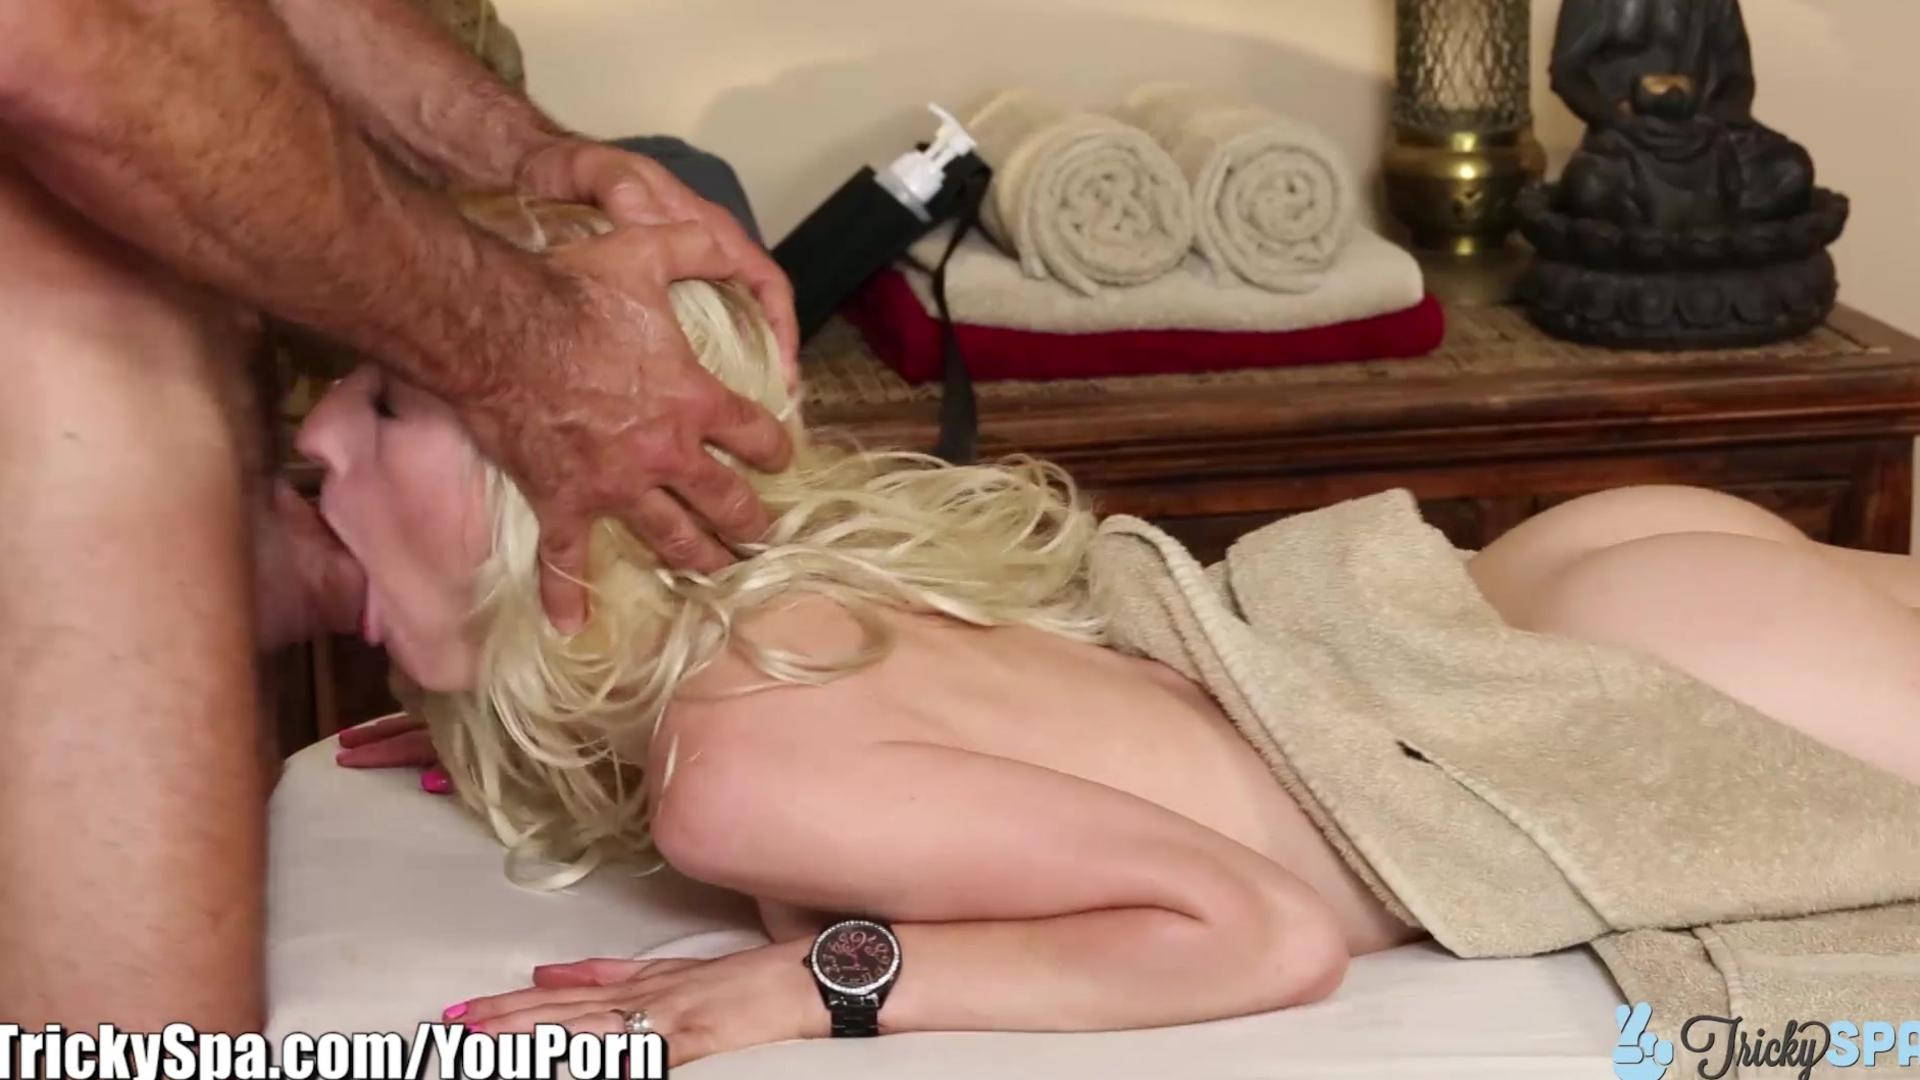 Скрытый секс массаж в японии 8 фотография